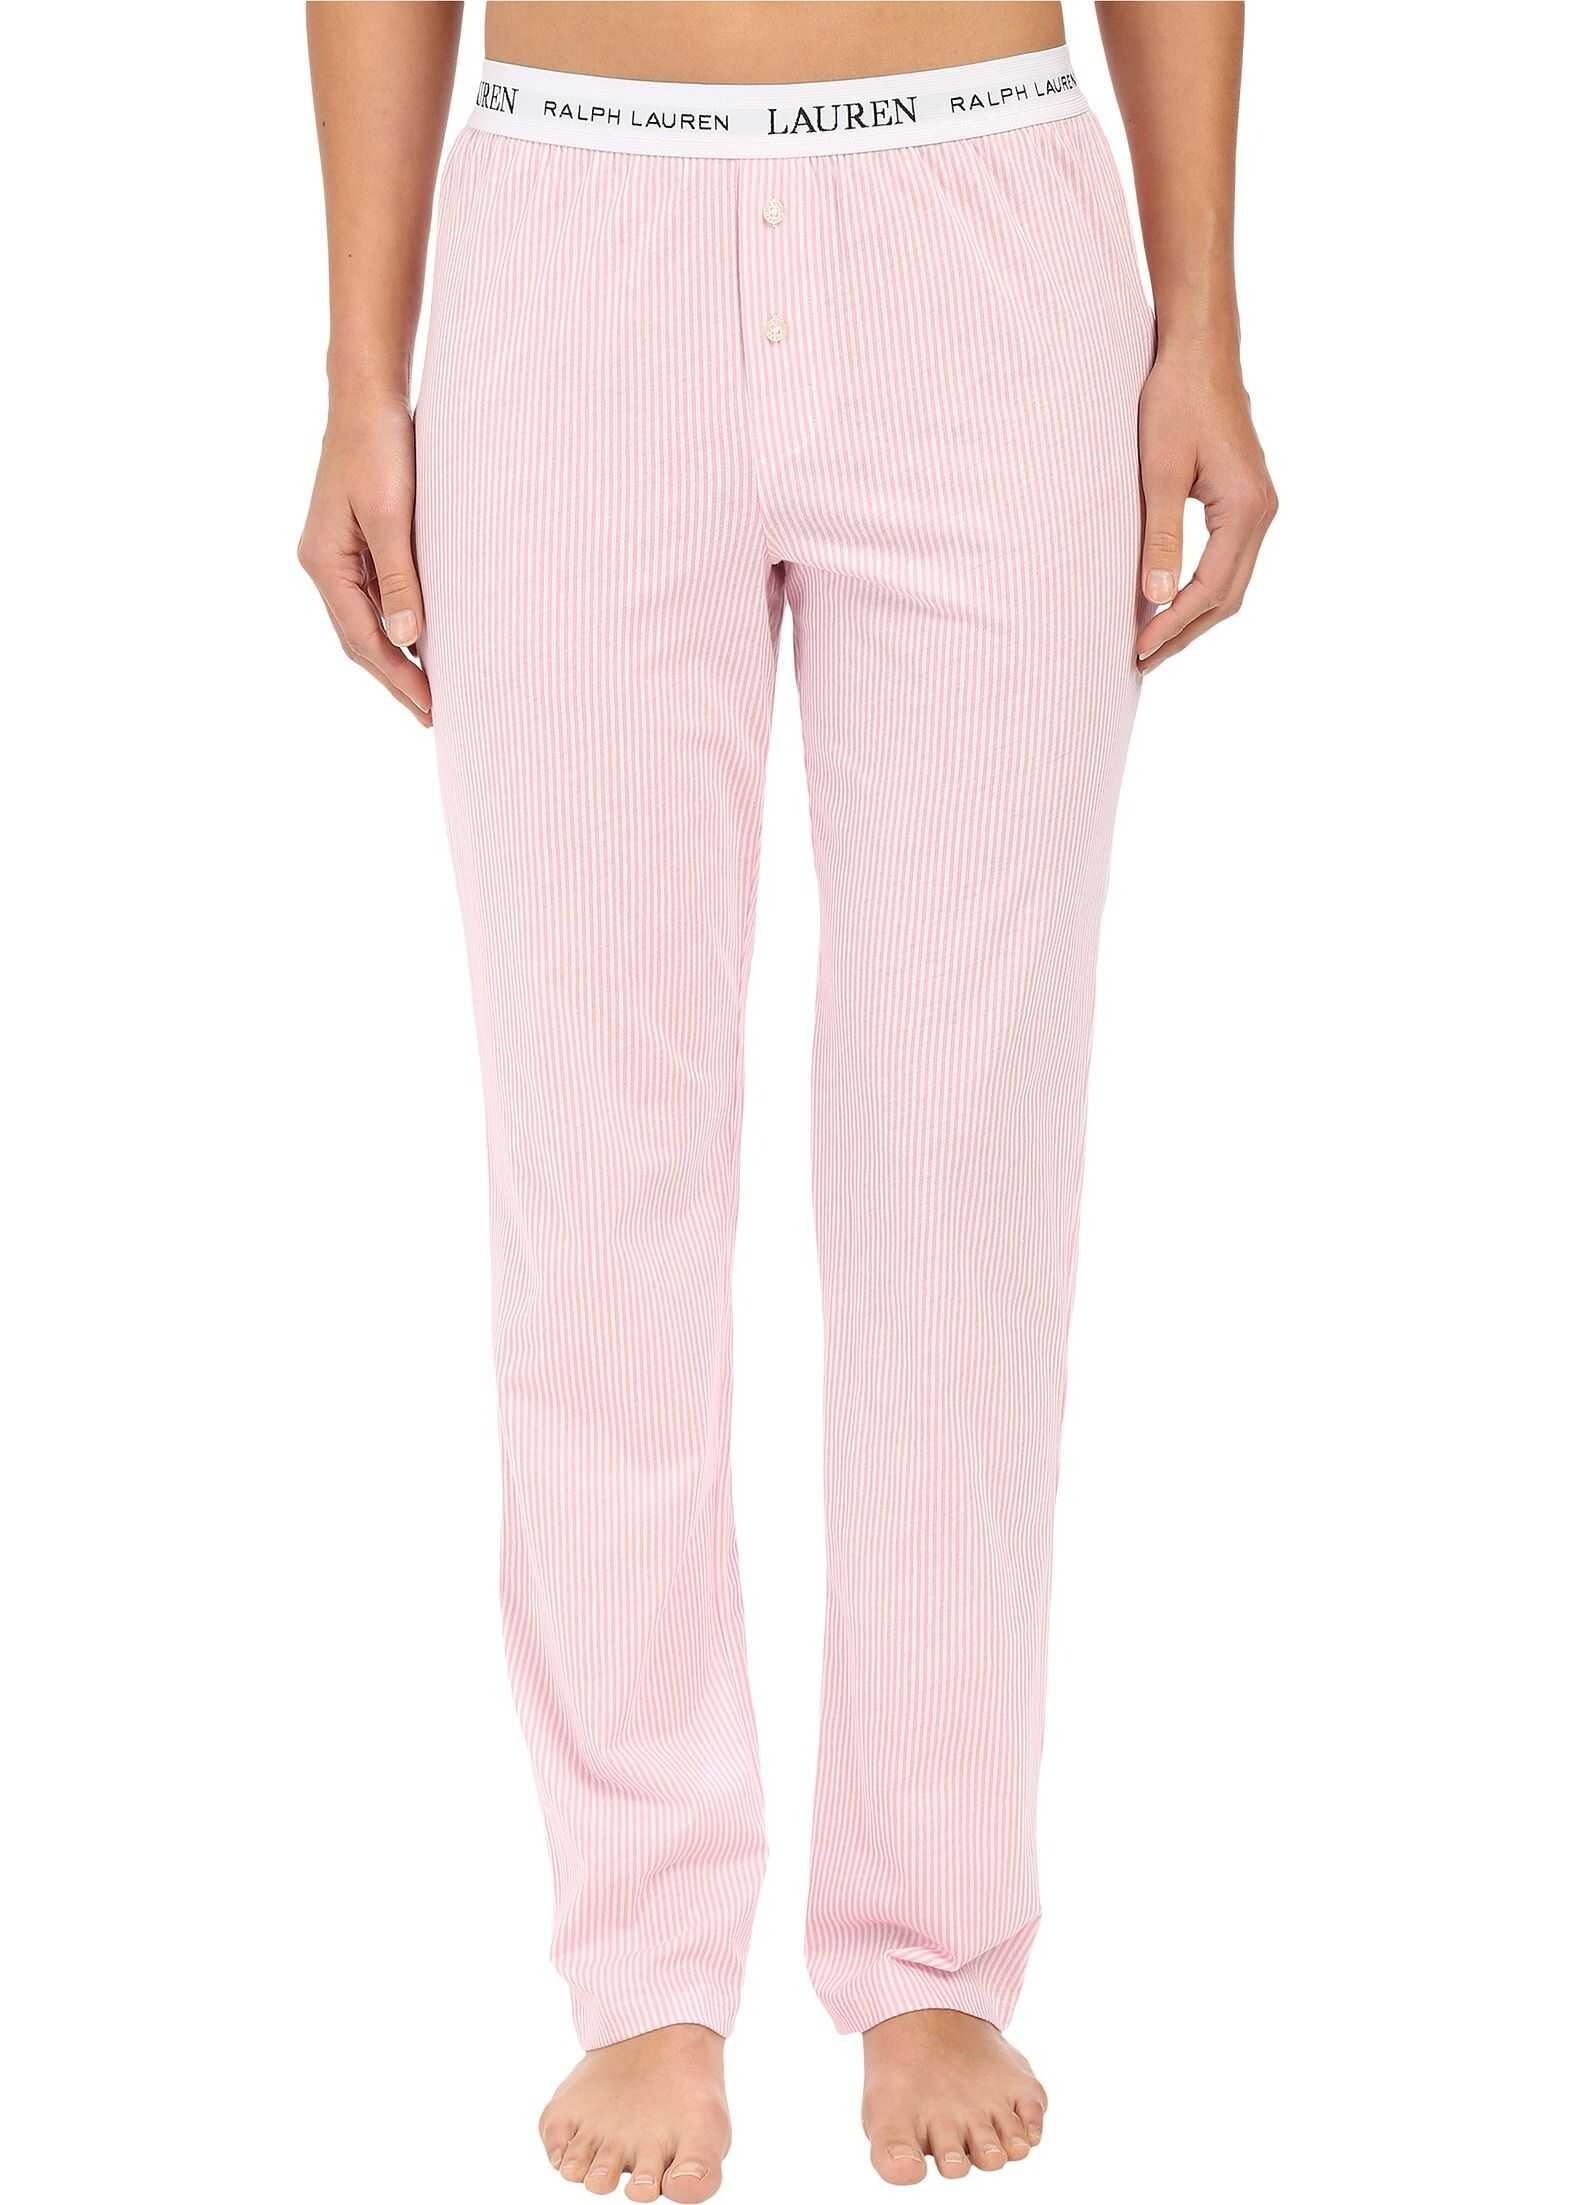 Ralph Lauren Pants w/ Logo Elastic Stripe Pale Pink/White